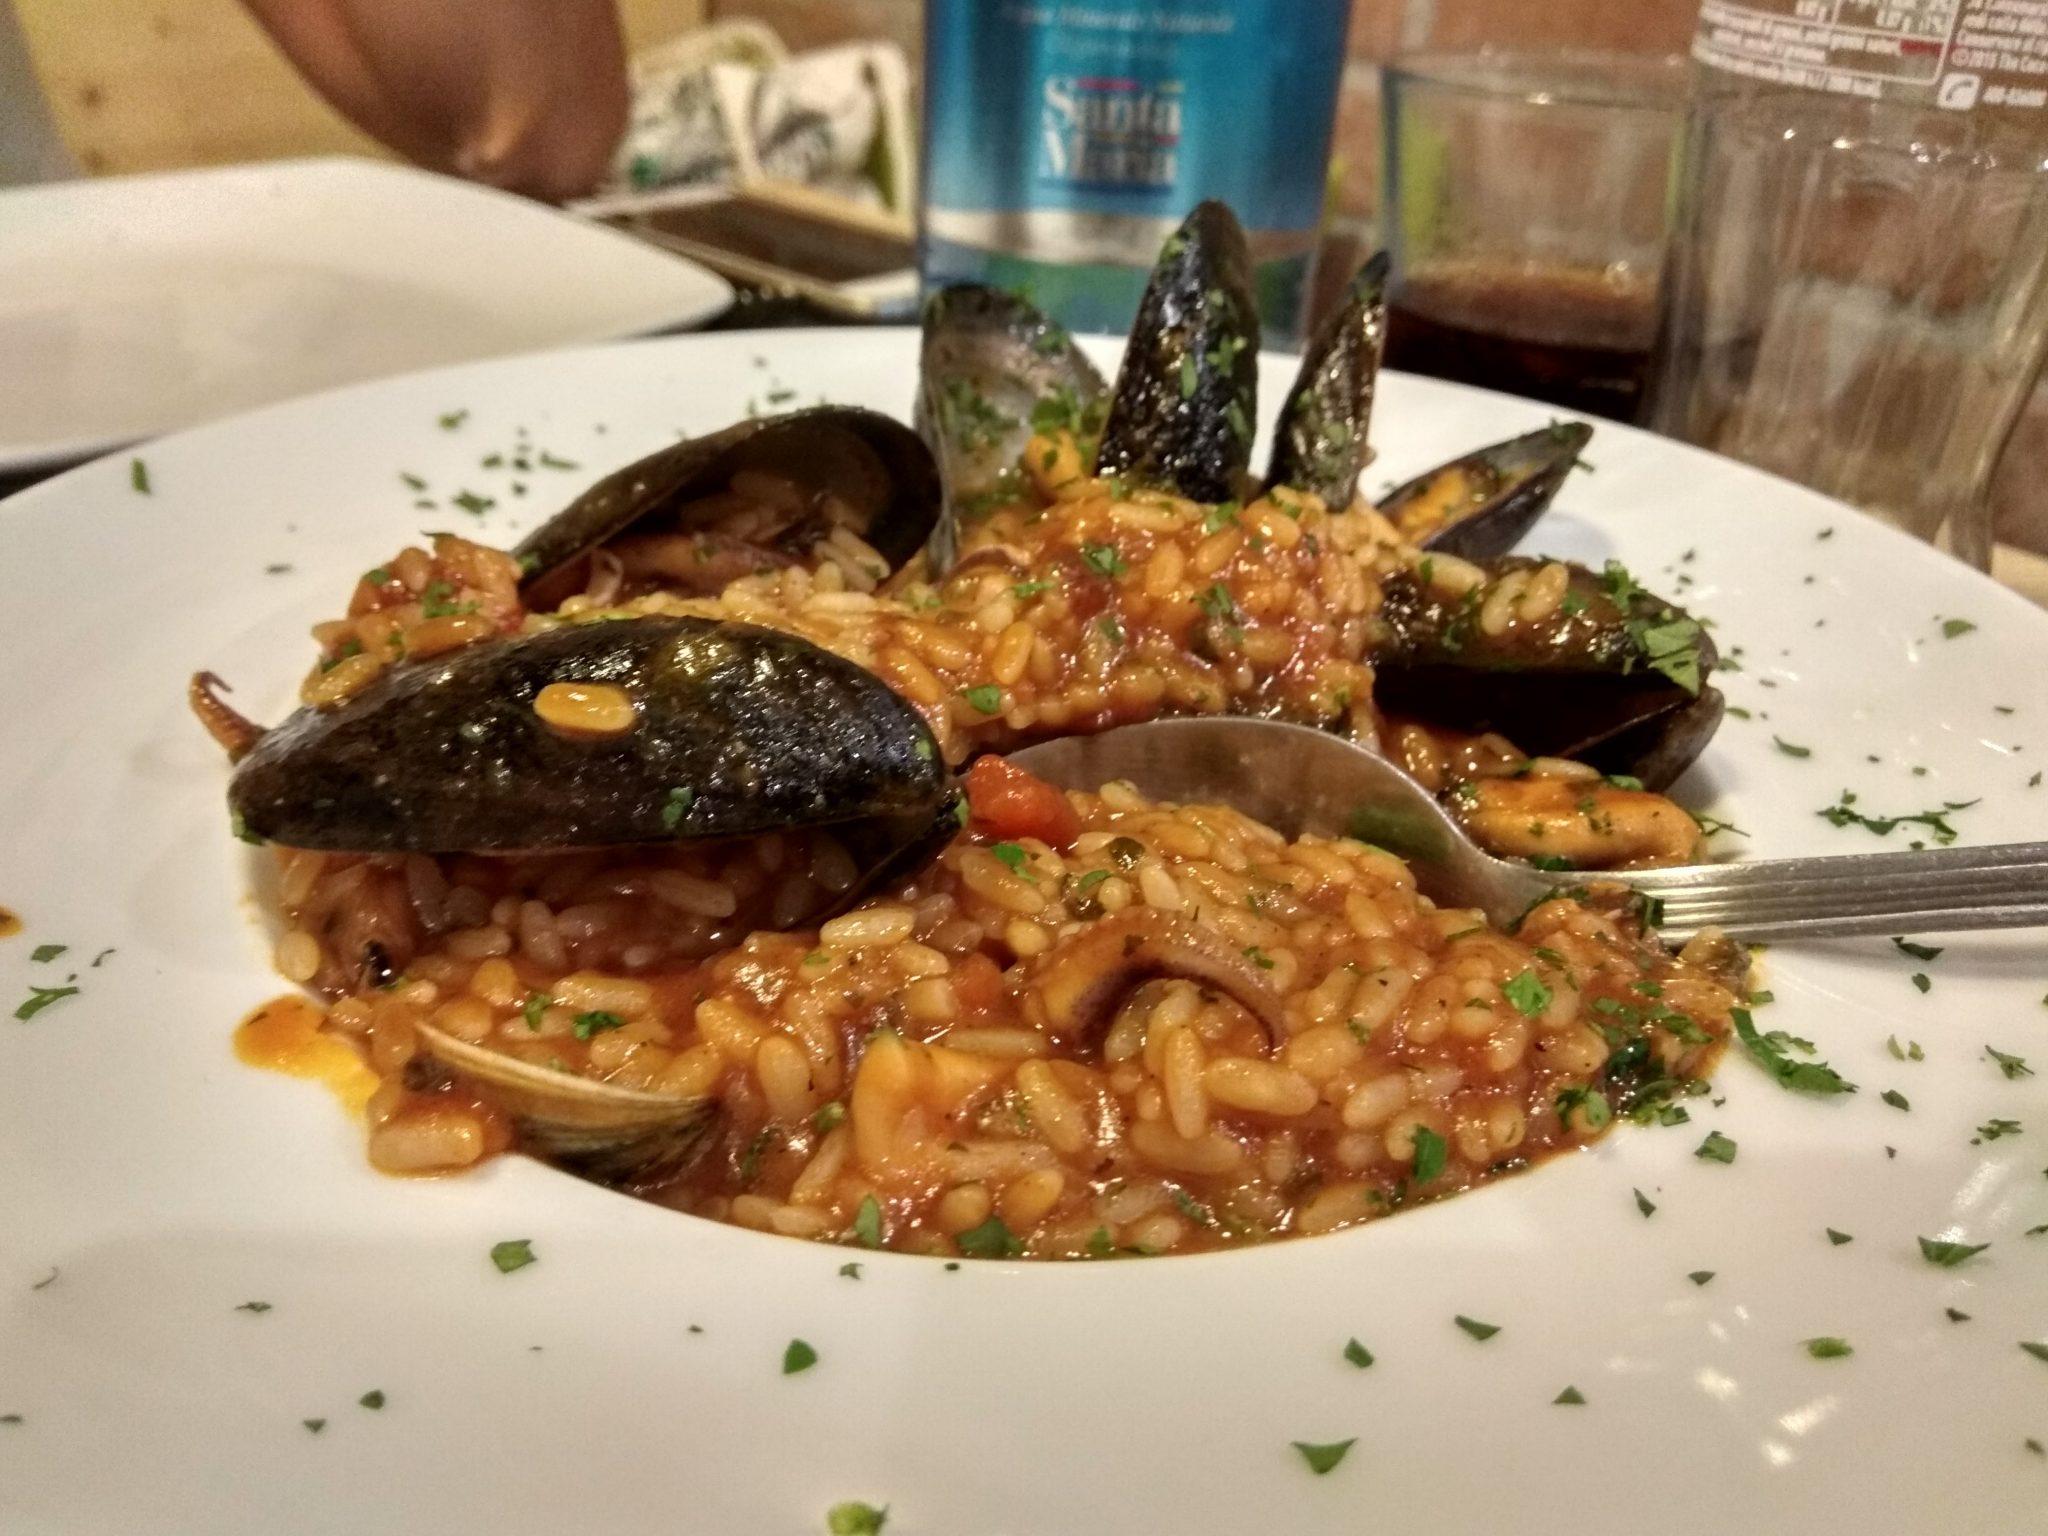 Img post Risotto frutti di mare. Comer en Sicilia - Pasaporte y Millas